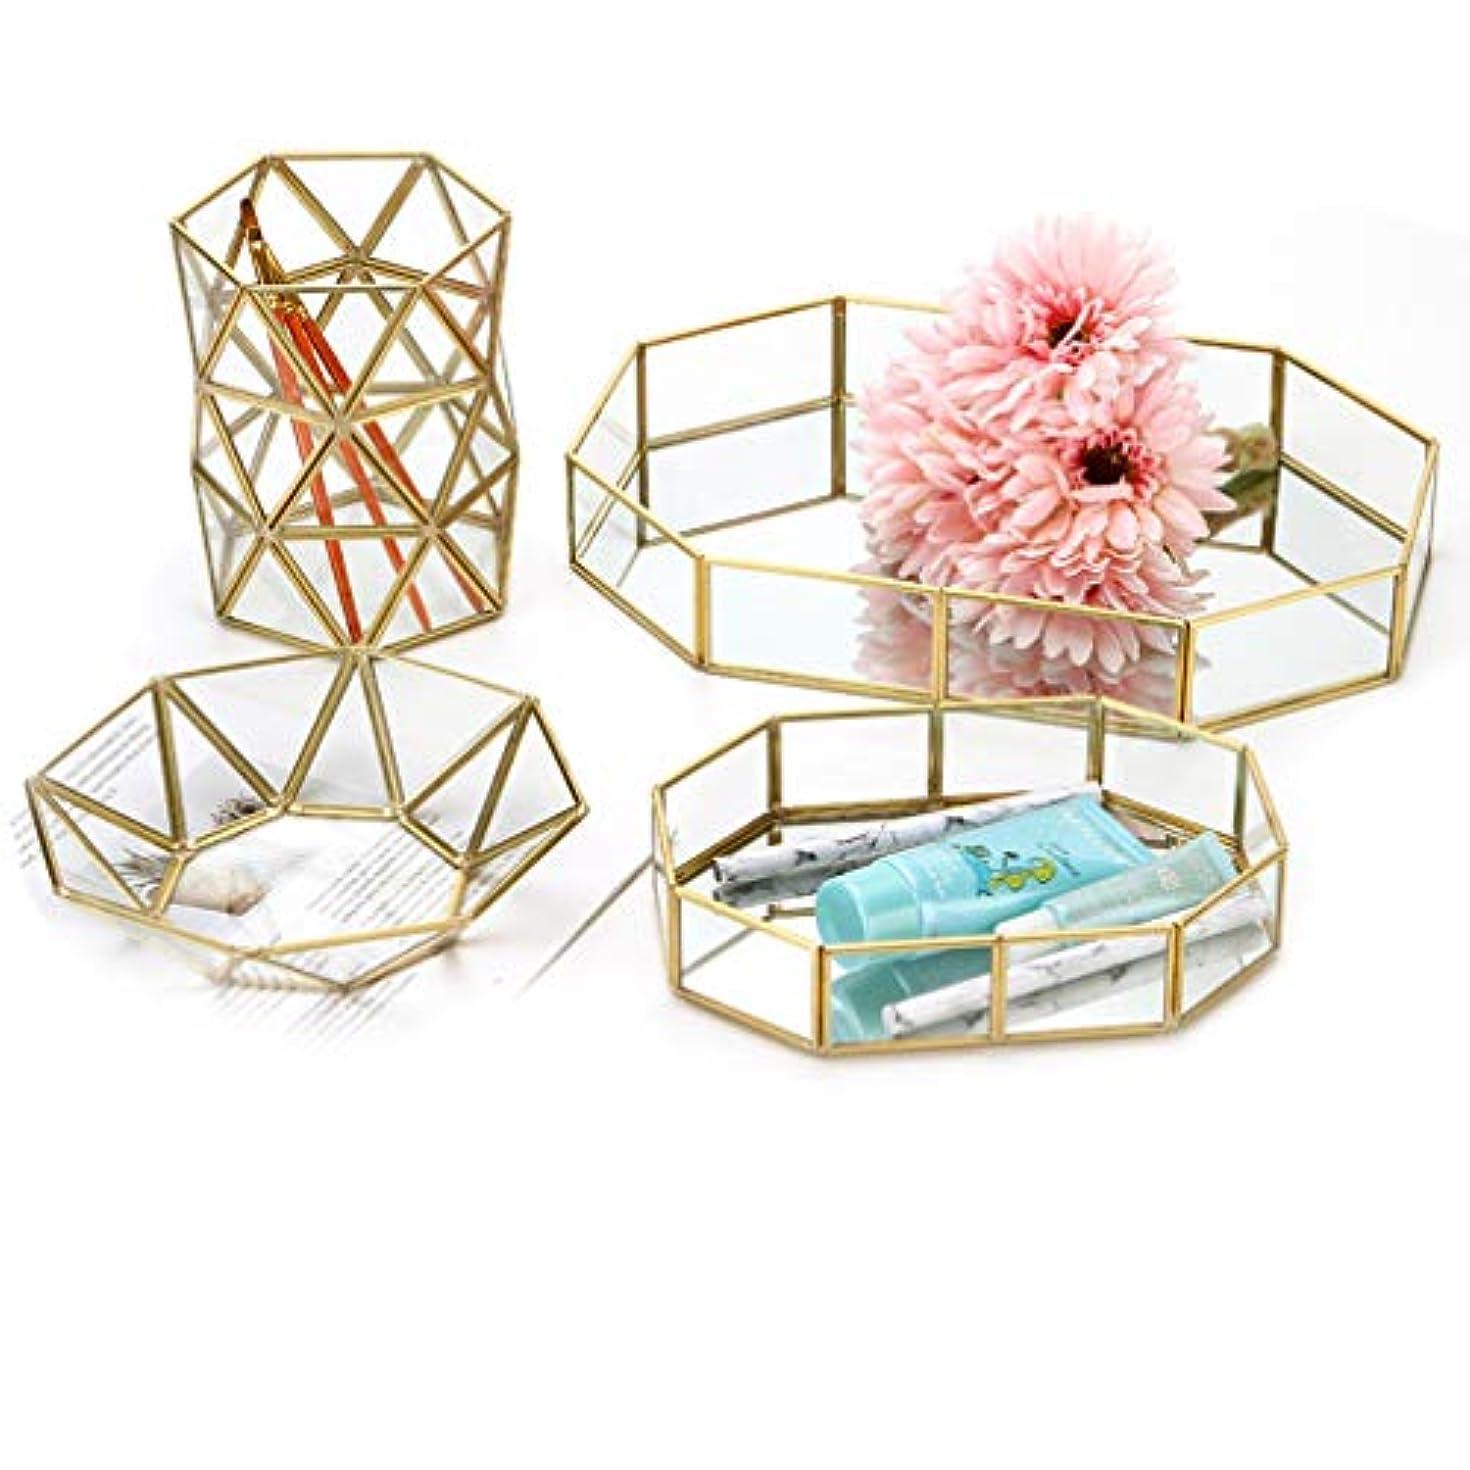 後退するウール海峡アクセサリートレイ ジュエリー収納ケース ガラス メイクボックス クリア素材 高級感 宝石 多角形 イヤリング/ピアス 小物収納 金属 コスメ 装飾 卓上小物入れ 仕切り 卓上収納 ディスプレイ ゴールド